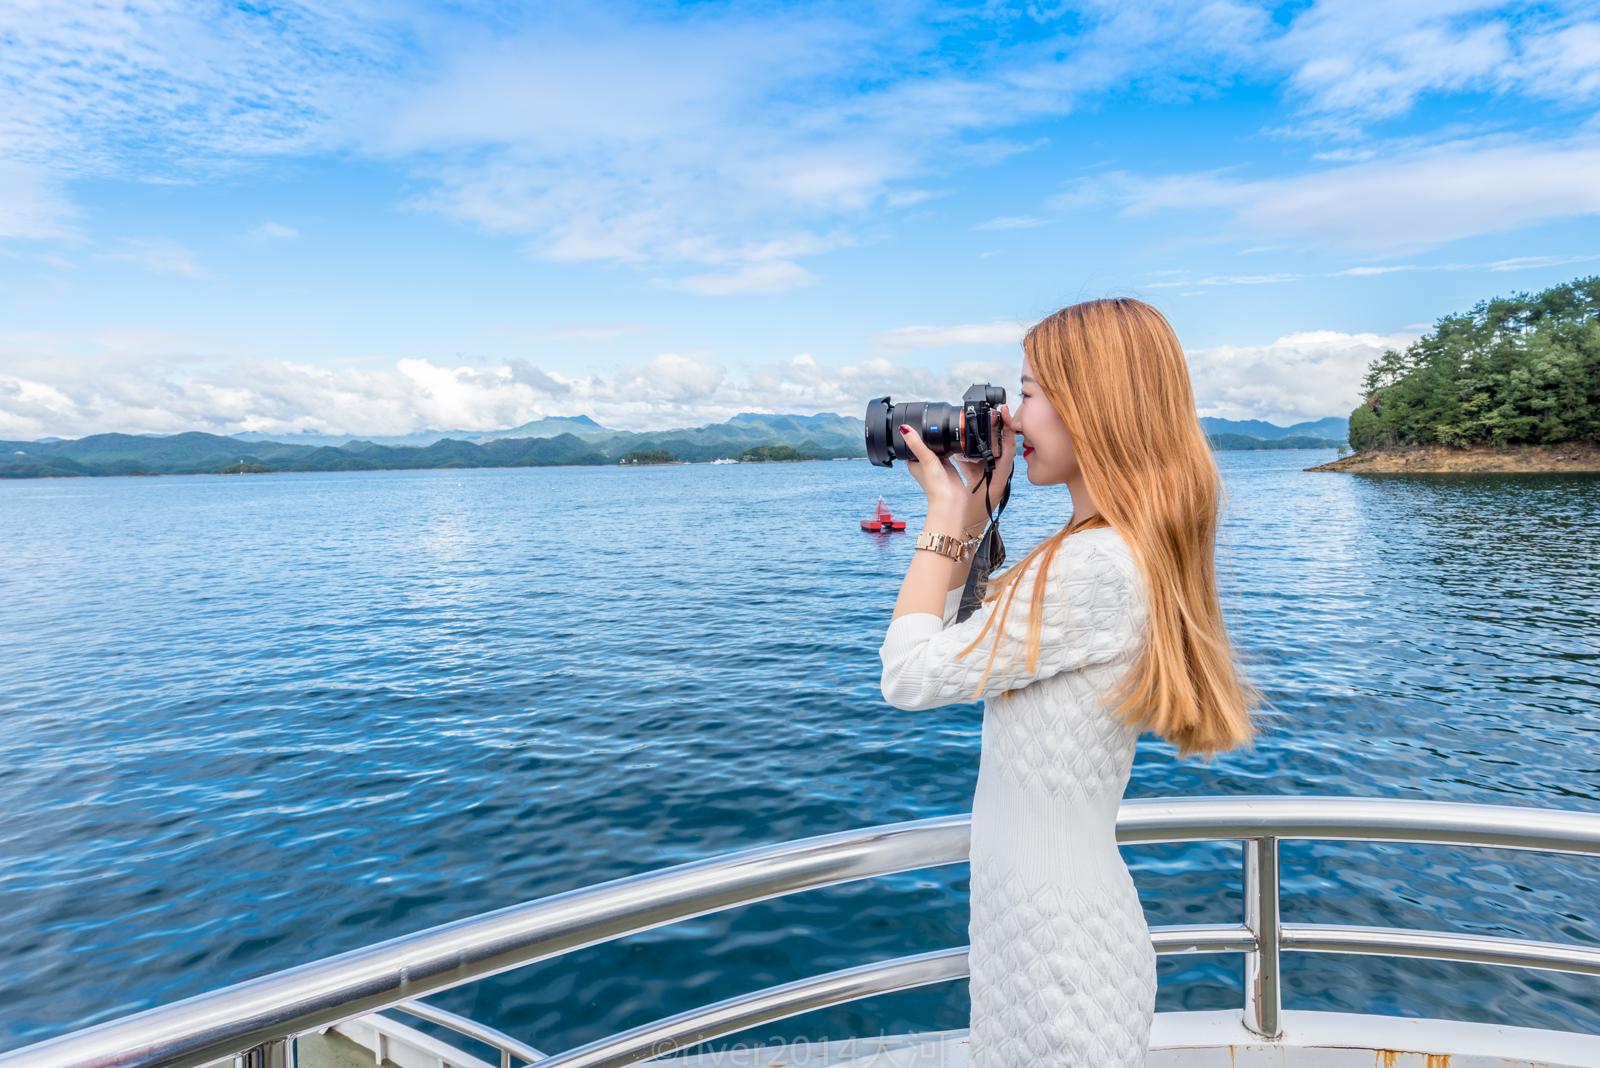 初秋的千岛湖,一个可以放慢脚步的地方_游记